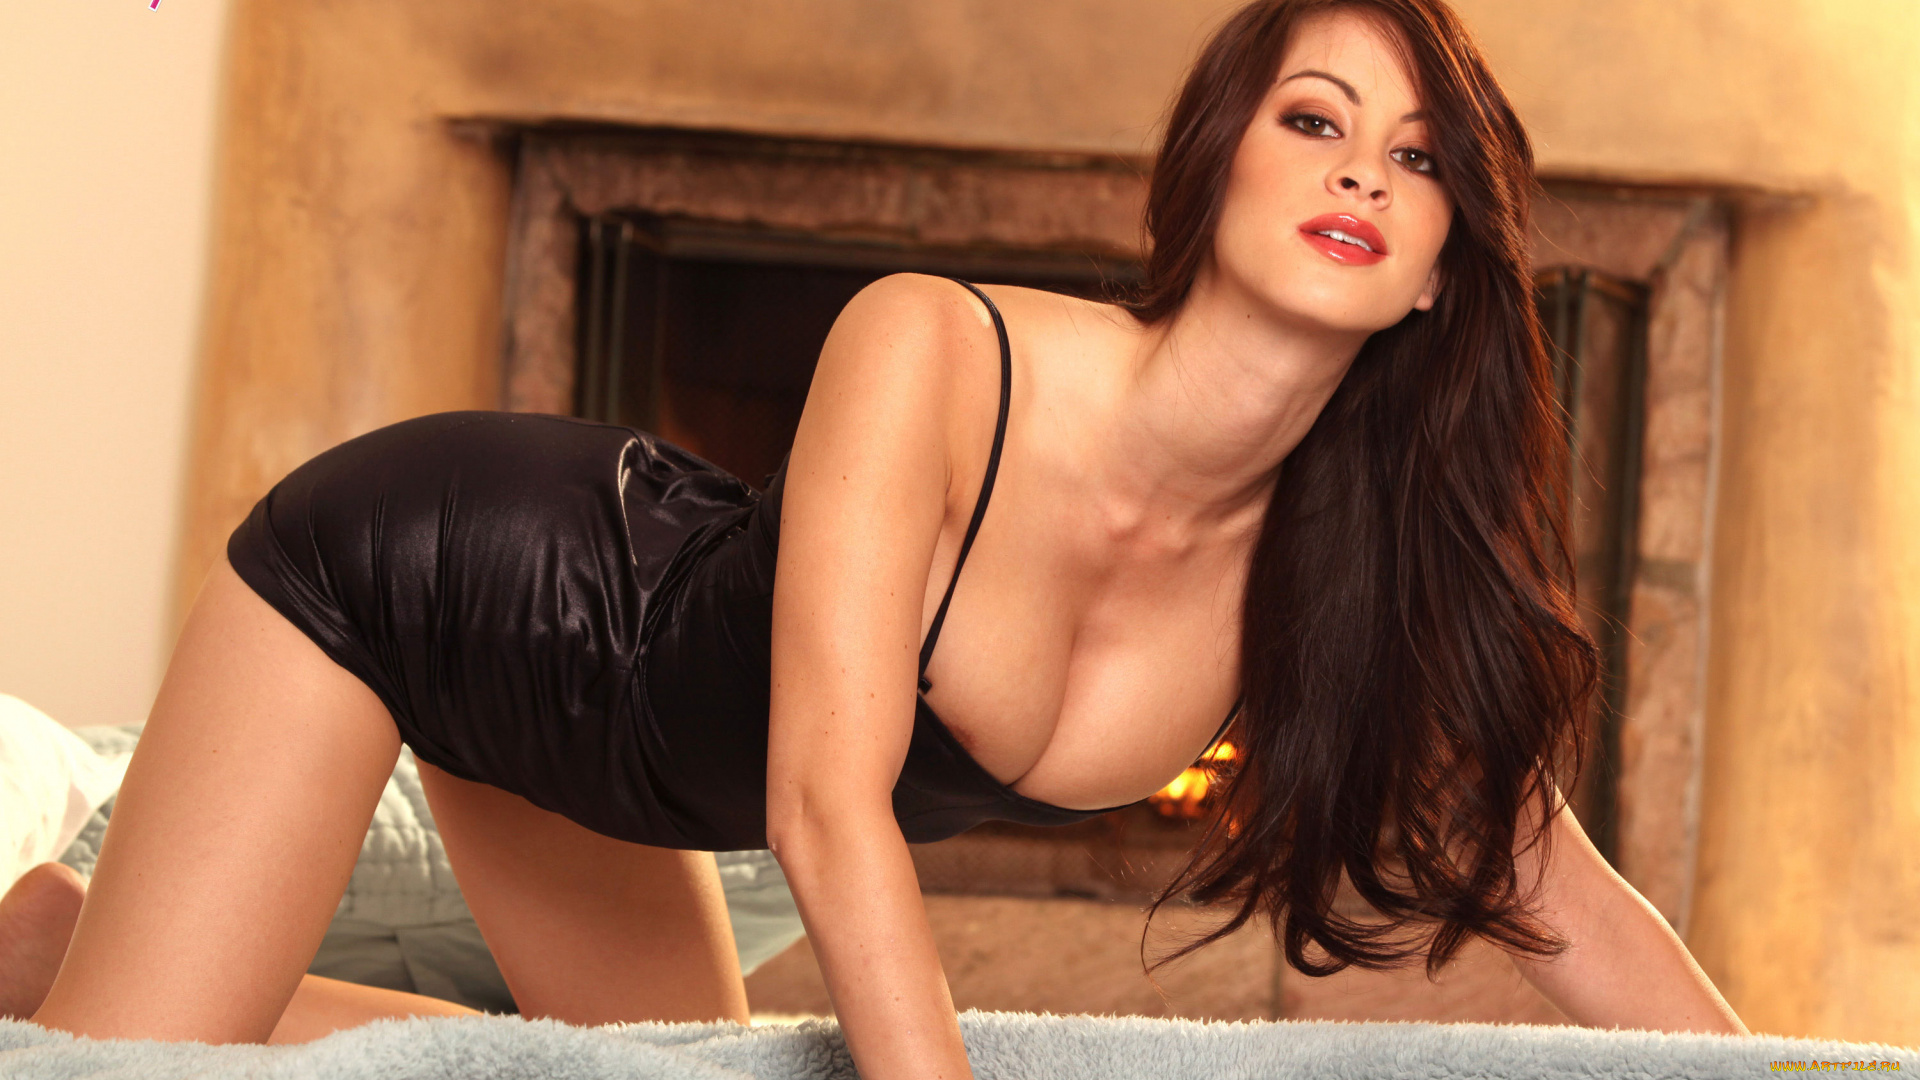 Эротические фото девушек в обтягивающем платье платье, Сексуальные платья в обтяжку - Девушки - Шняги. Нет 14 фотография